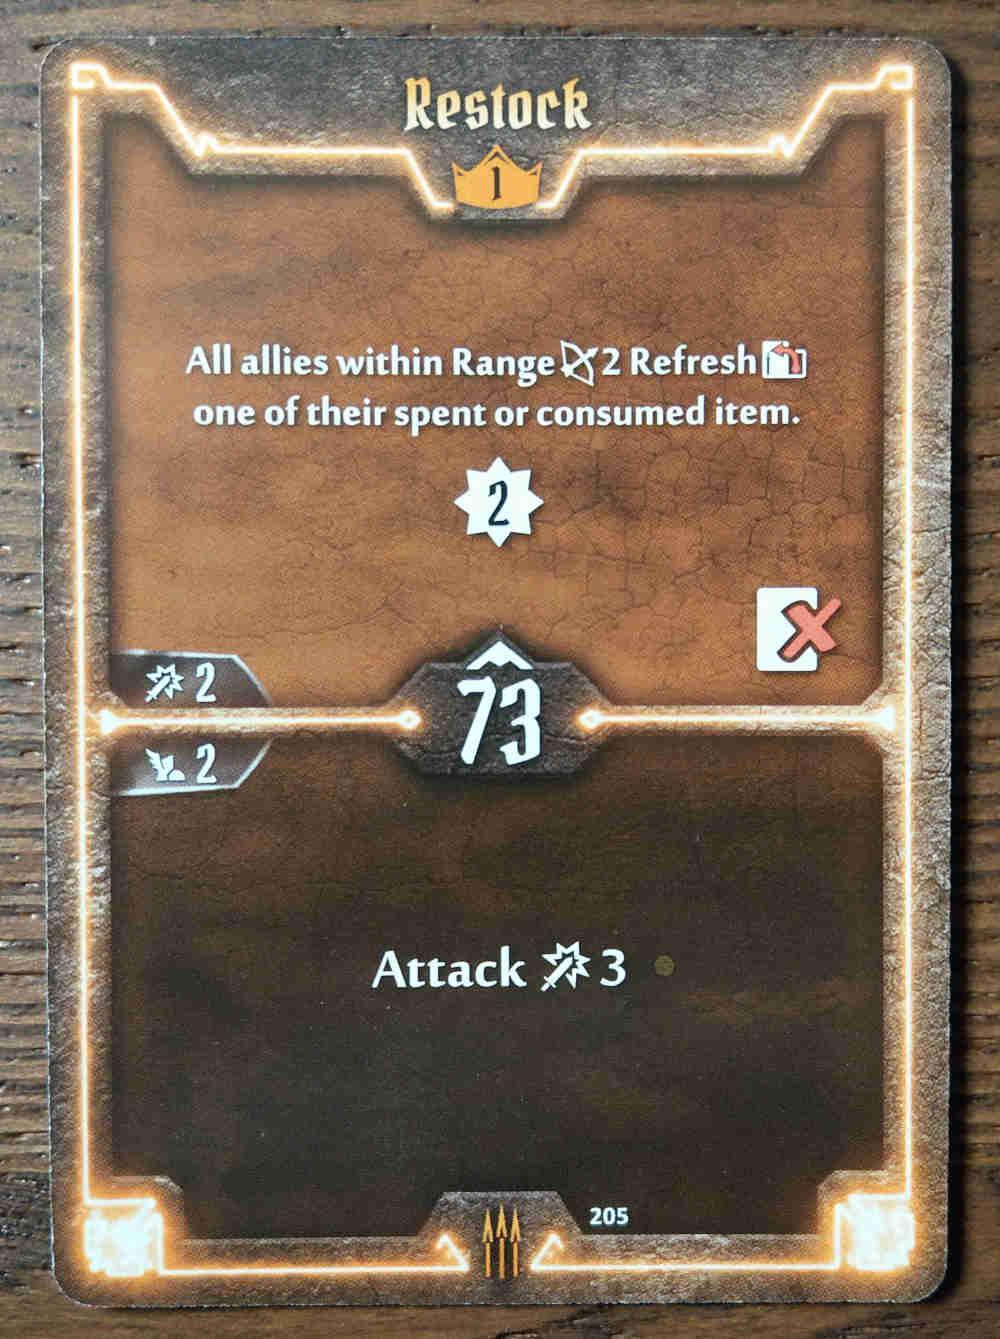 Level 1 Quartermaster card Restock